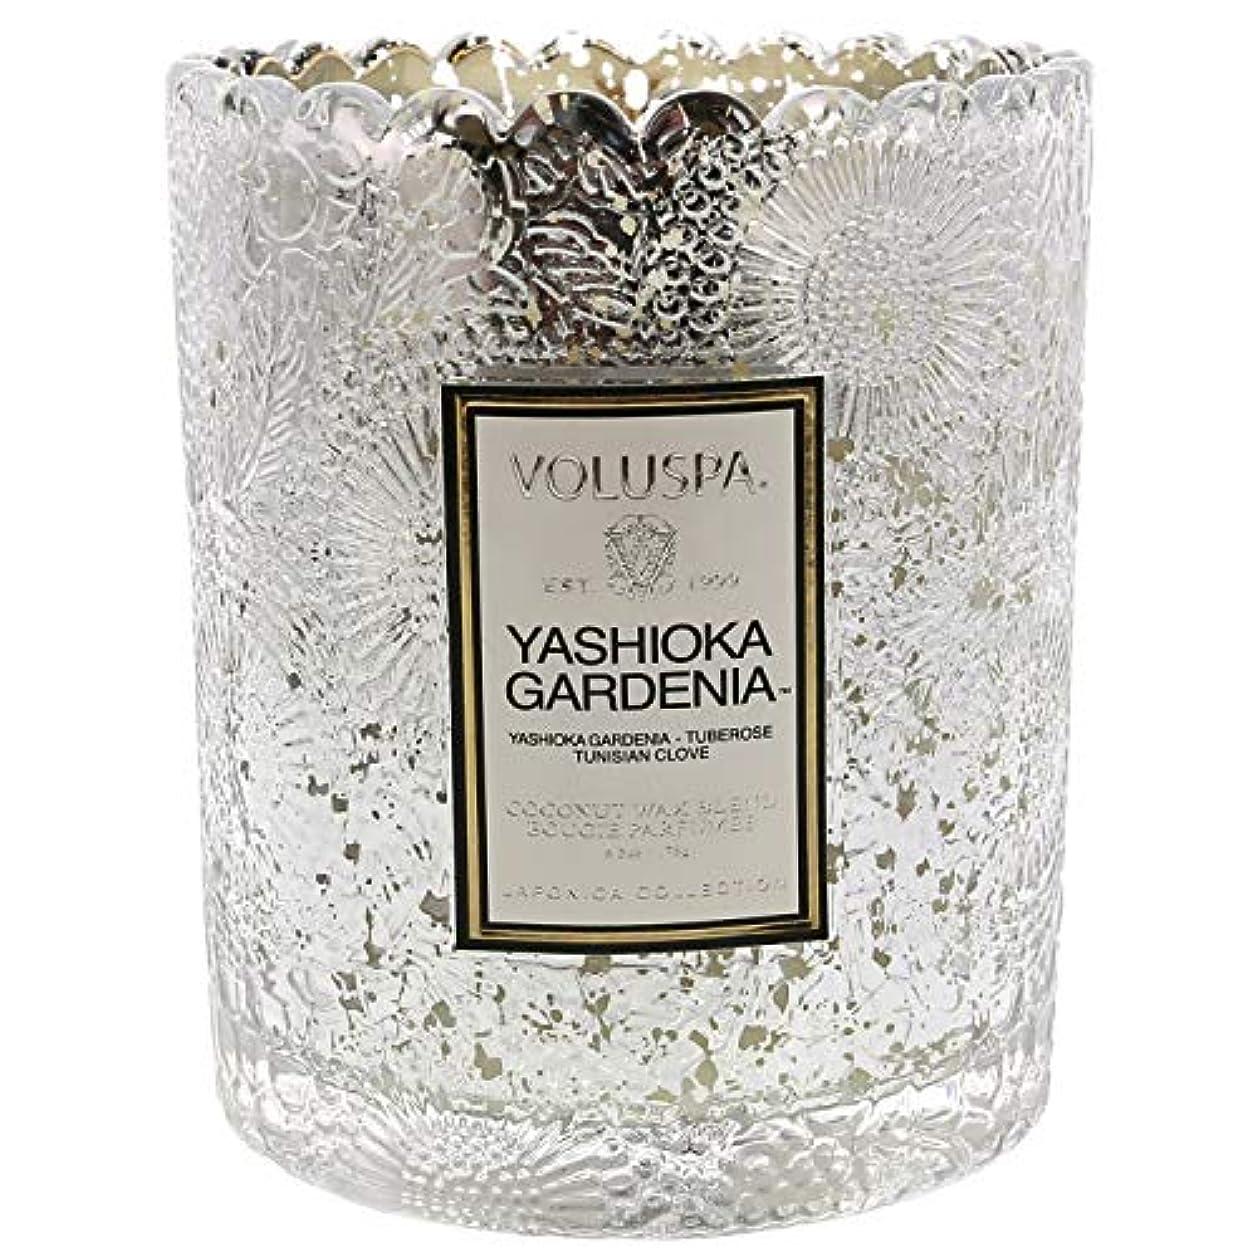 累積まとめる一般Voluspa ボルスパ ジャポニカ リミテッド スカラップグラスキャンドル  ヤシオカガーデニア YASHIOKA GARDENIA JAPONICA Limited SCALLOPED EDGE Glass Candle